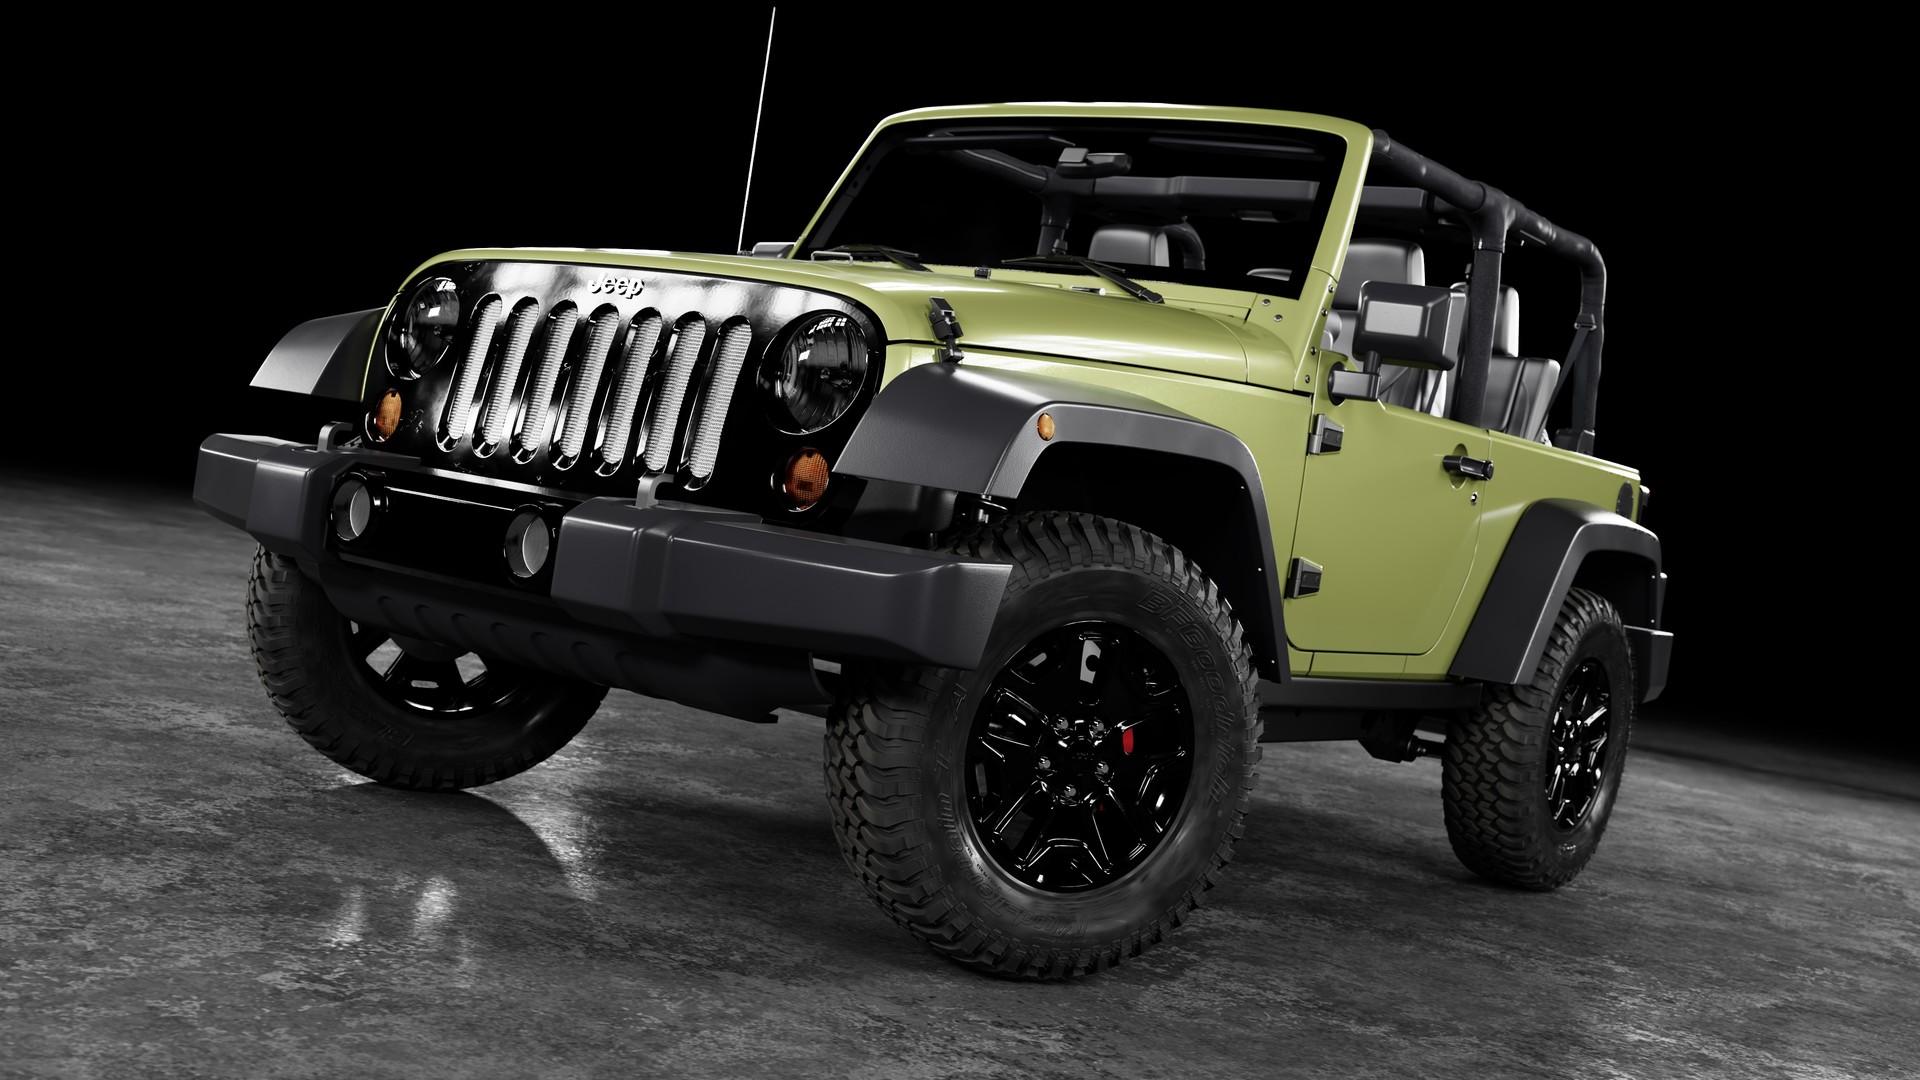 Prashan s jeep 06